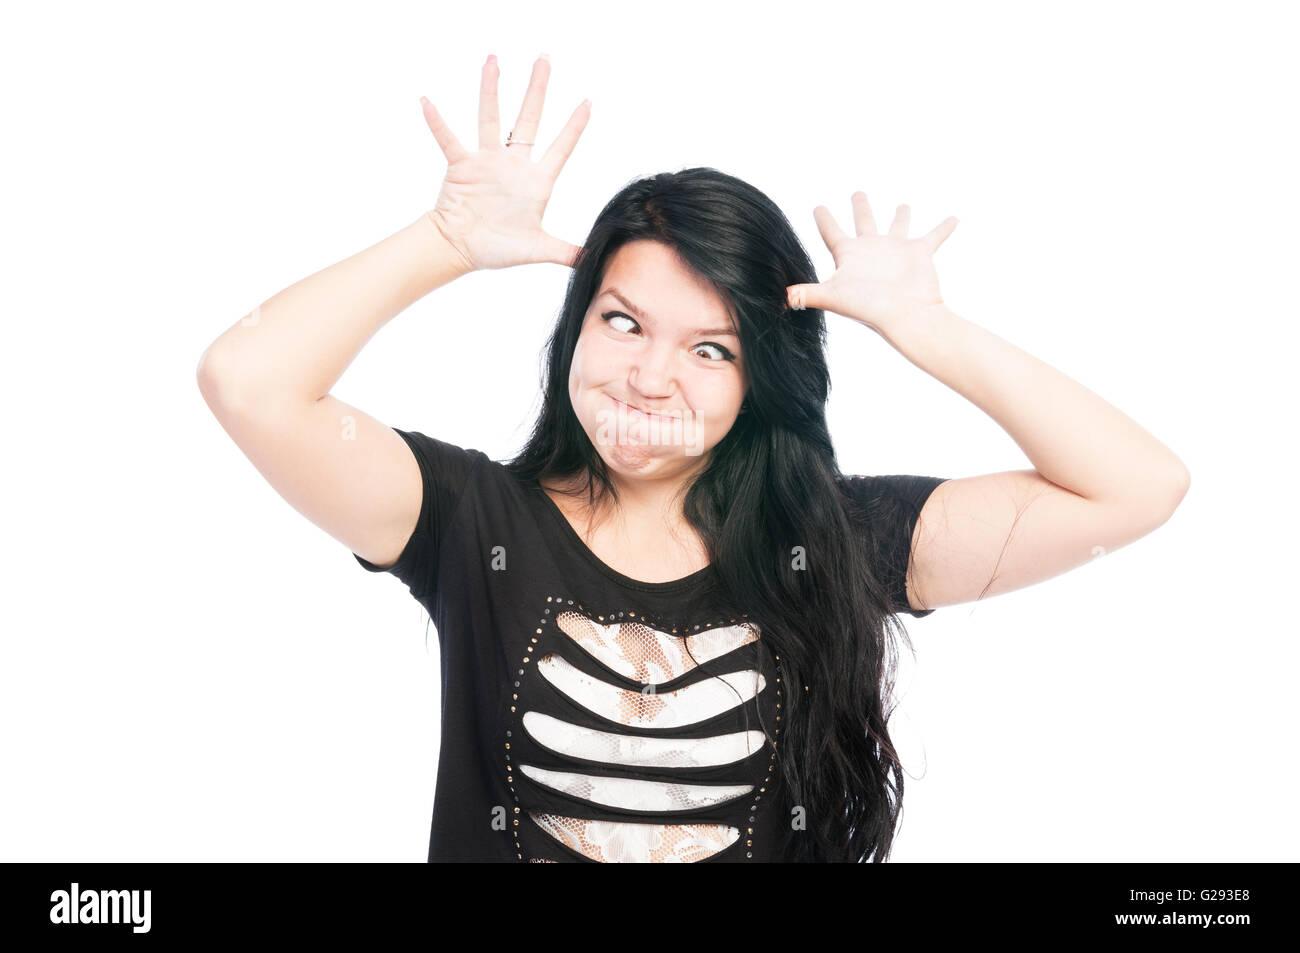 Teen girl rendere divertente faccia con occhi incrociati Immagini Stock